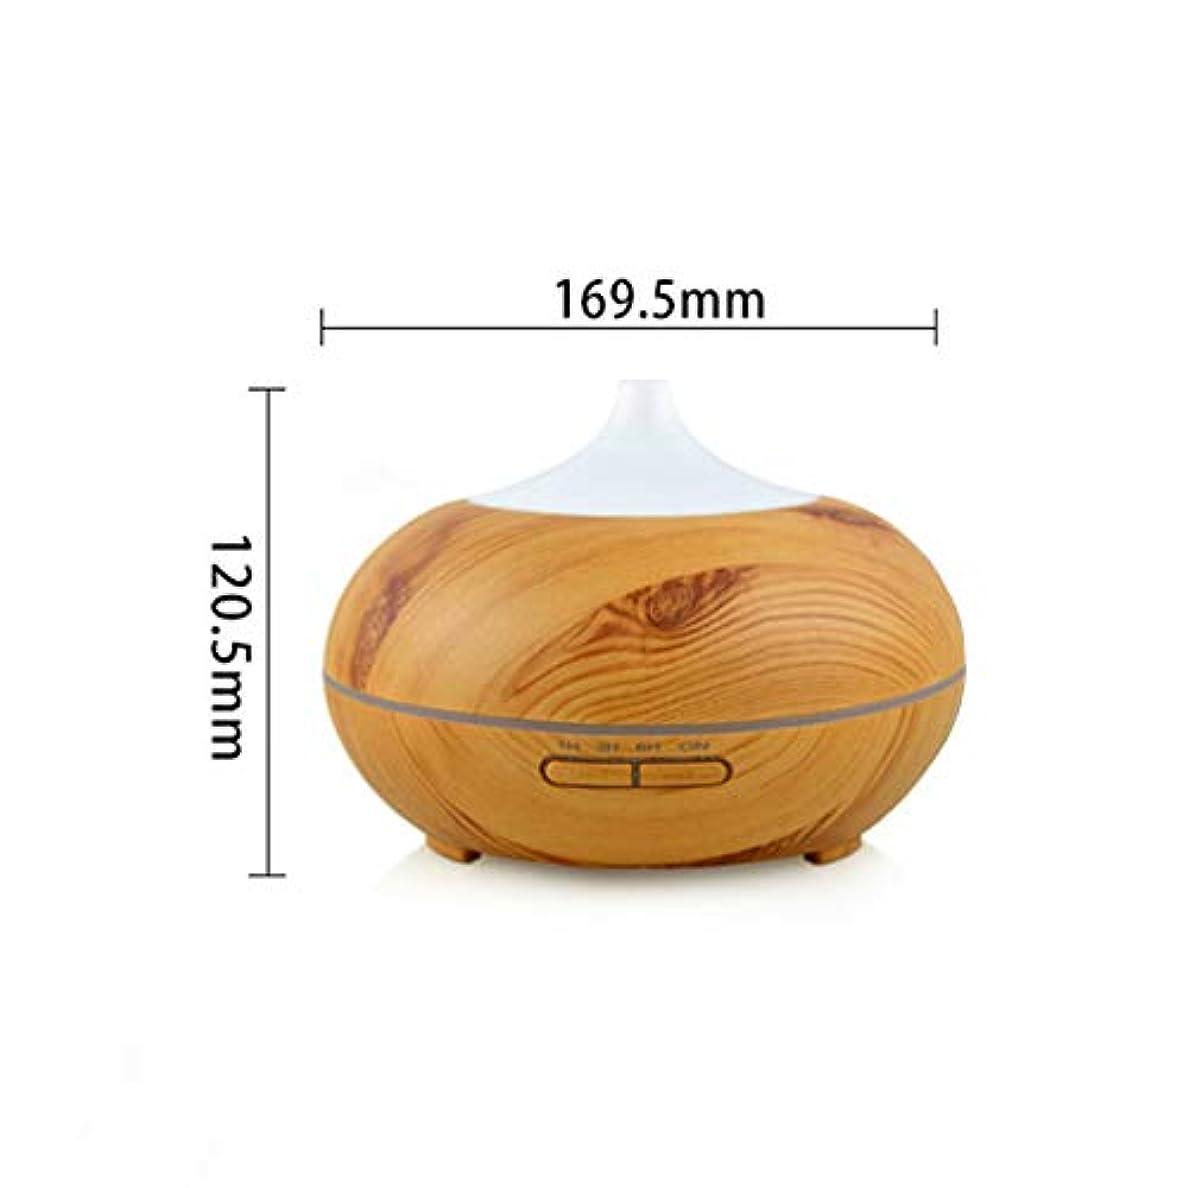 発疹仮装成長木目 涼しい霧 加湿器,7 色 空気を浄化 加湿機 時間 手動 Wifiアプリコントロール 精油 ディフューザー アロマネブライザー Yoga- 300ml